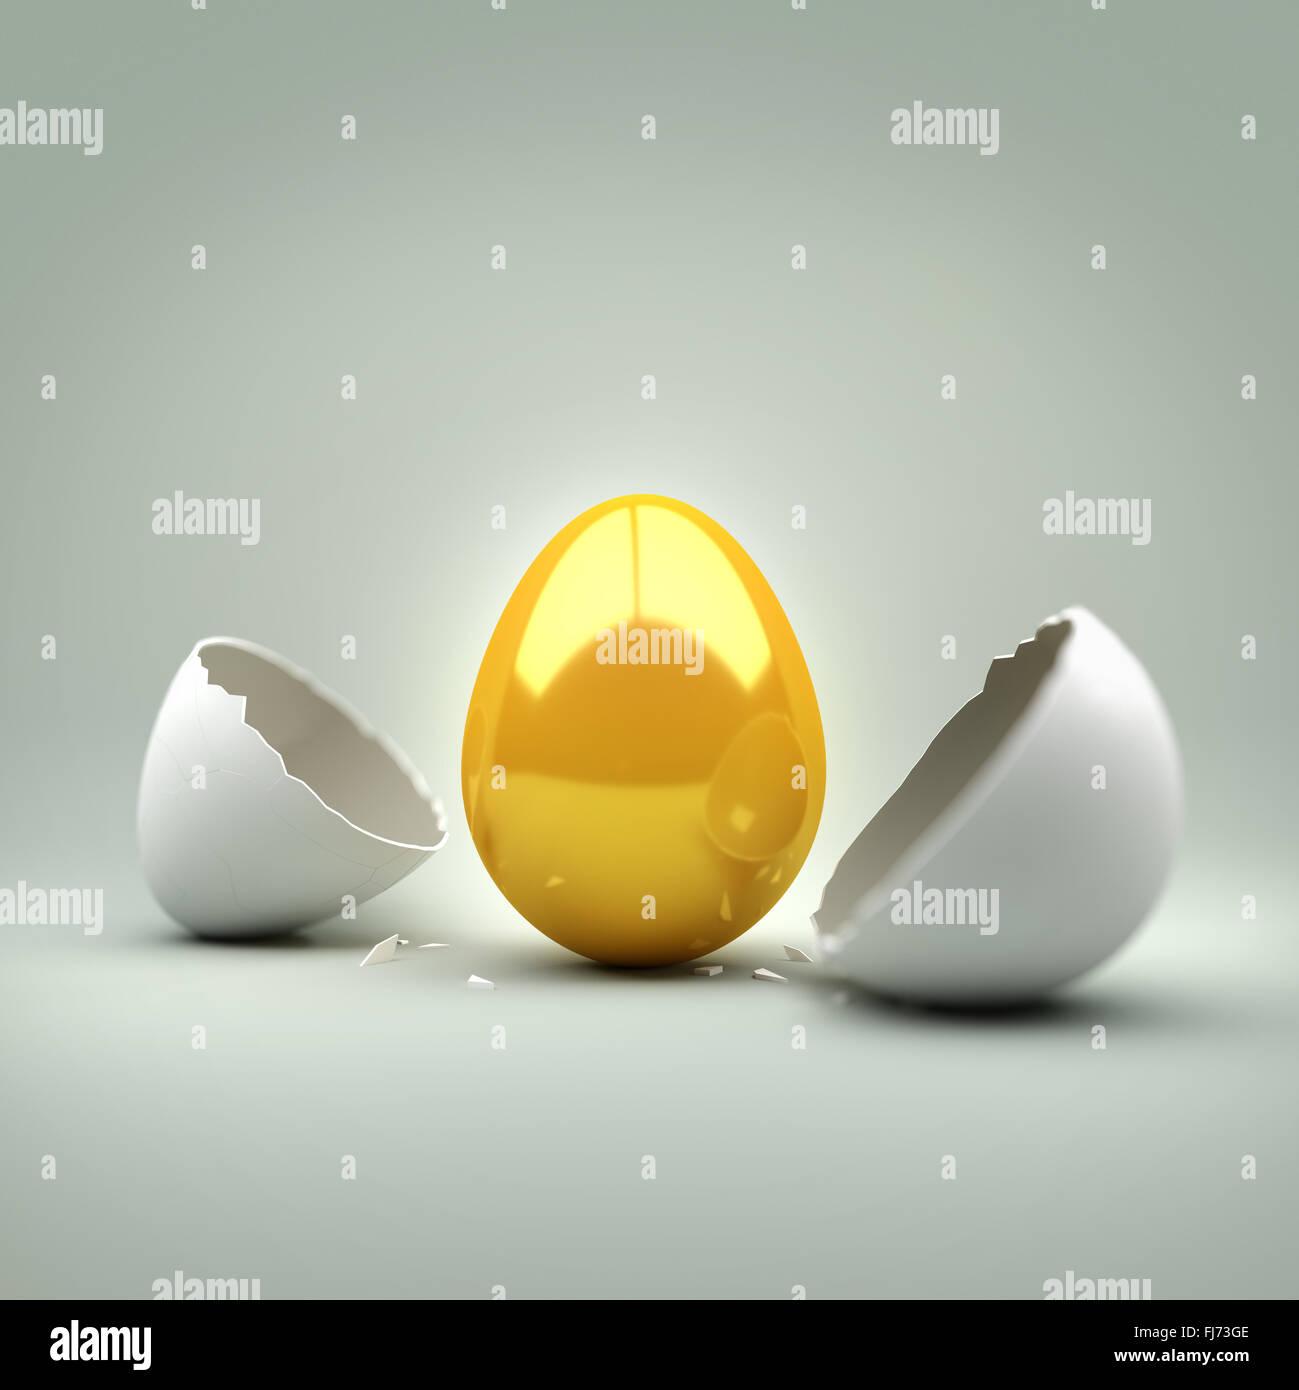 Nuovo Golden Egg. Un uovo rotto rivelando un nuovo Golden Egg. Concetto. Immagini Stock